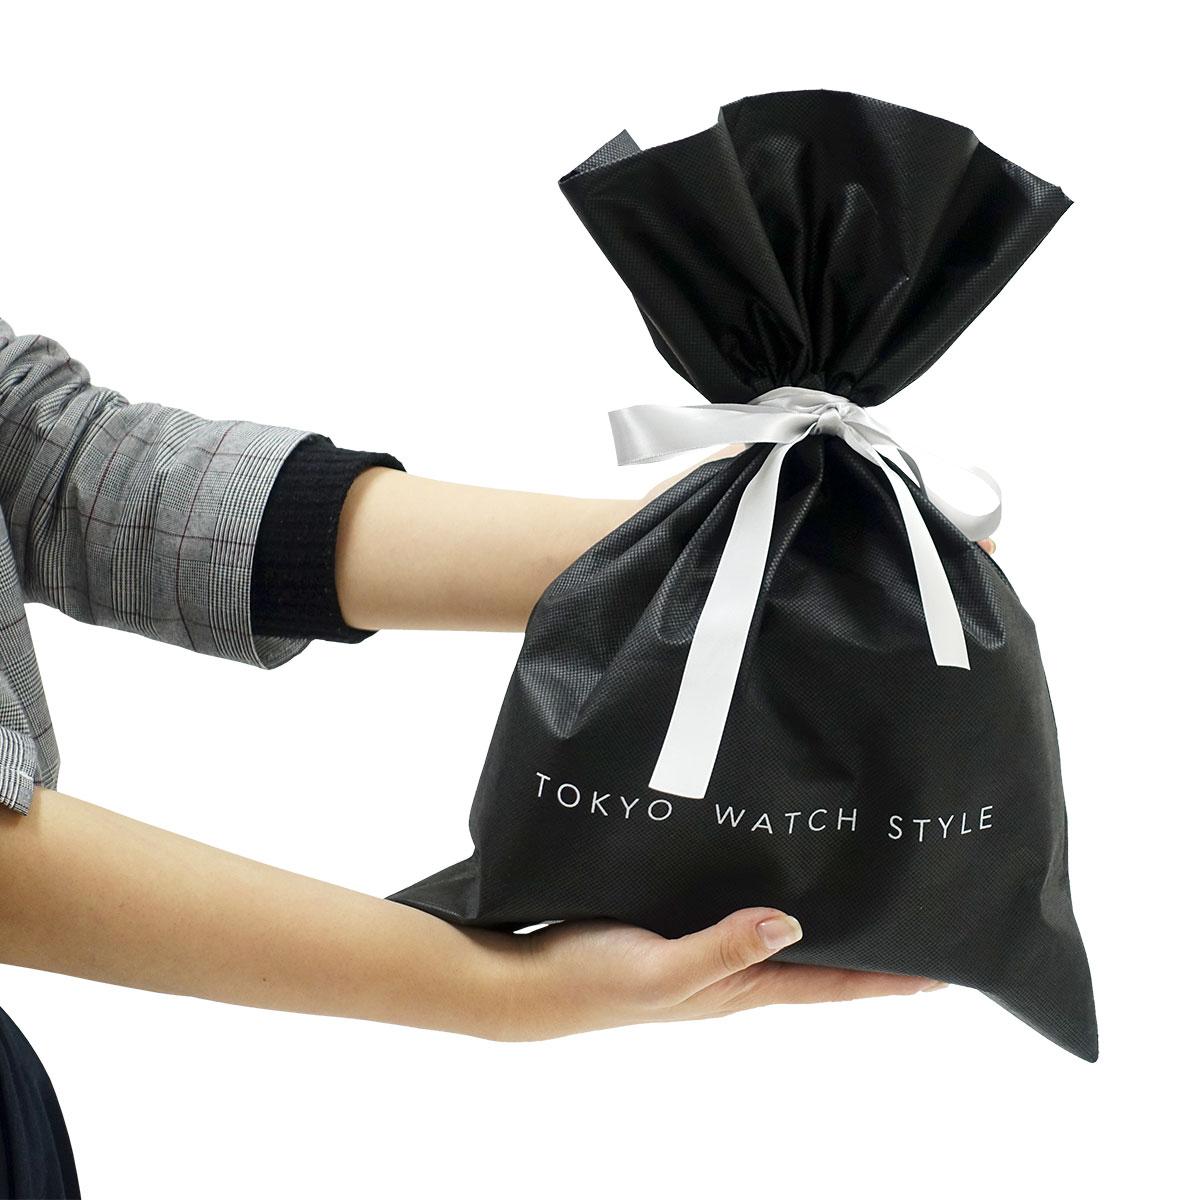 プレゼントしたい相手に、東京ウォッチスタイルから直接送る事も出来ます